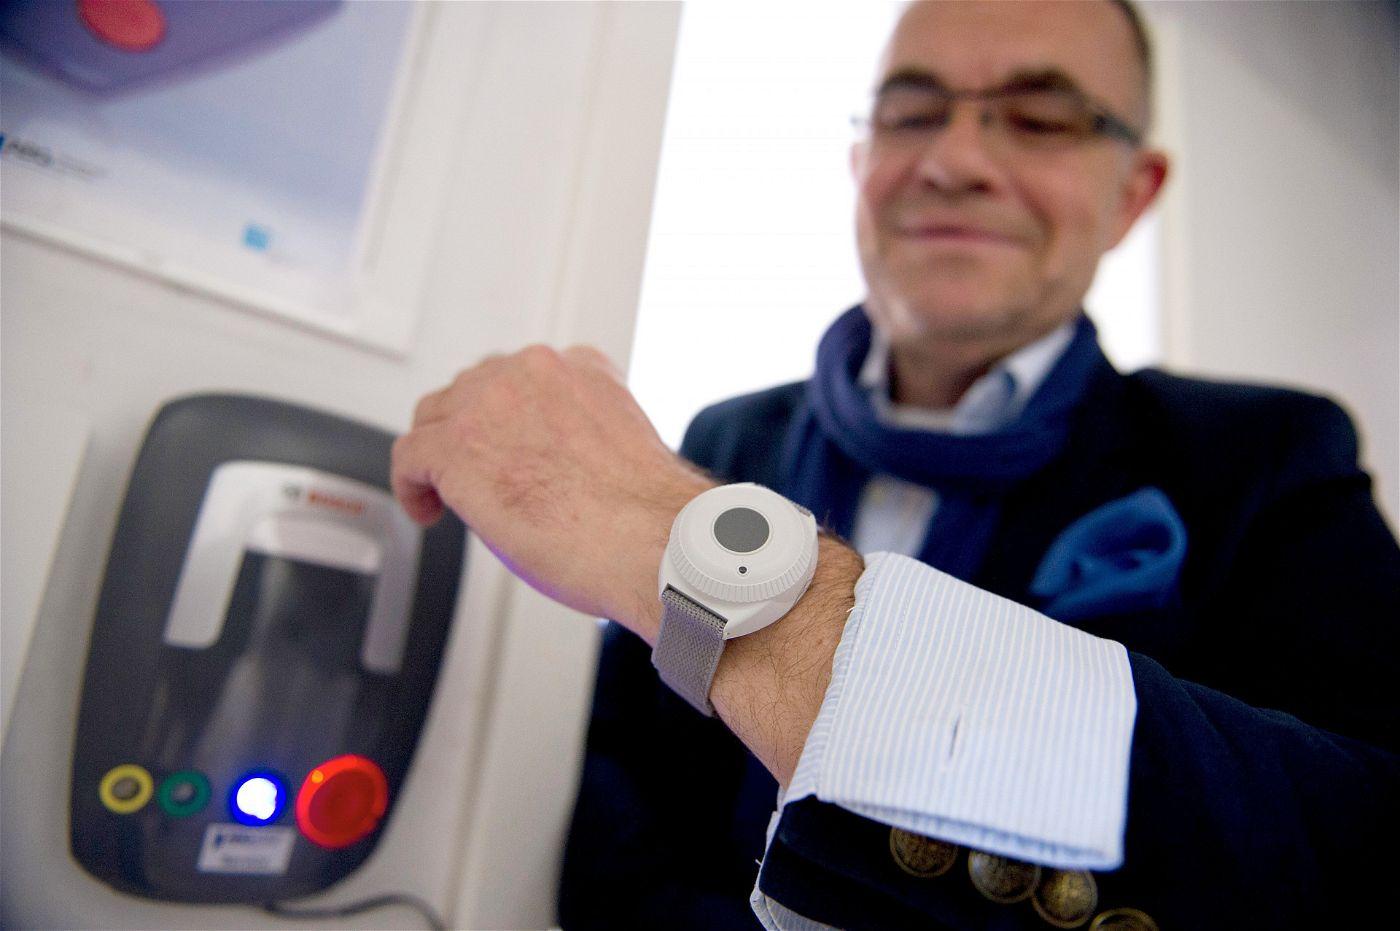 Immer dabei: Der Notrufsender kann wie eine Armbanduhr getragen werden.